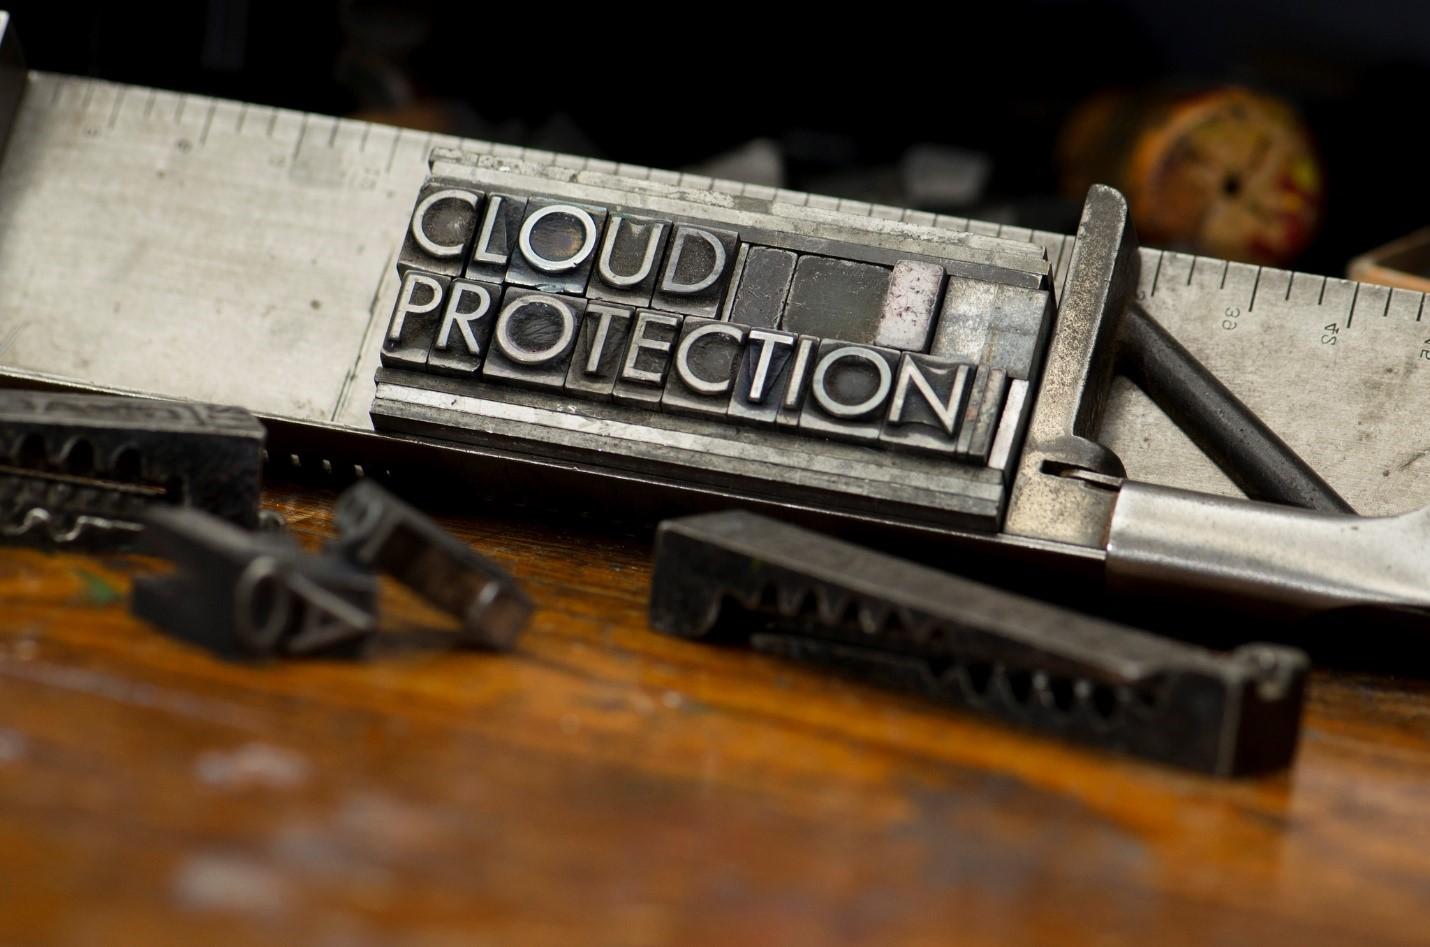 Как IaaS-провайдер работает с ИБ: угрозы и защита - 1